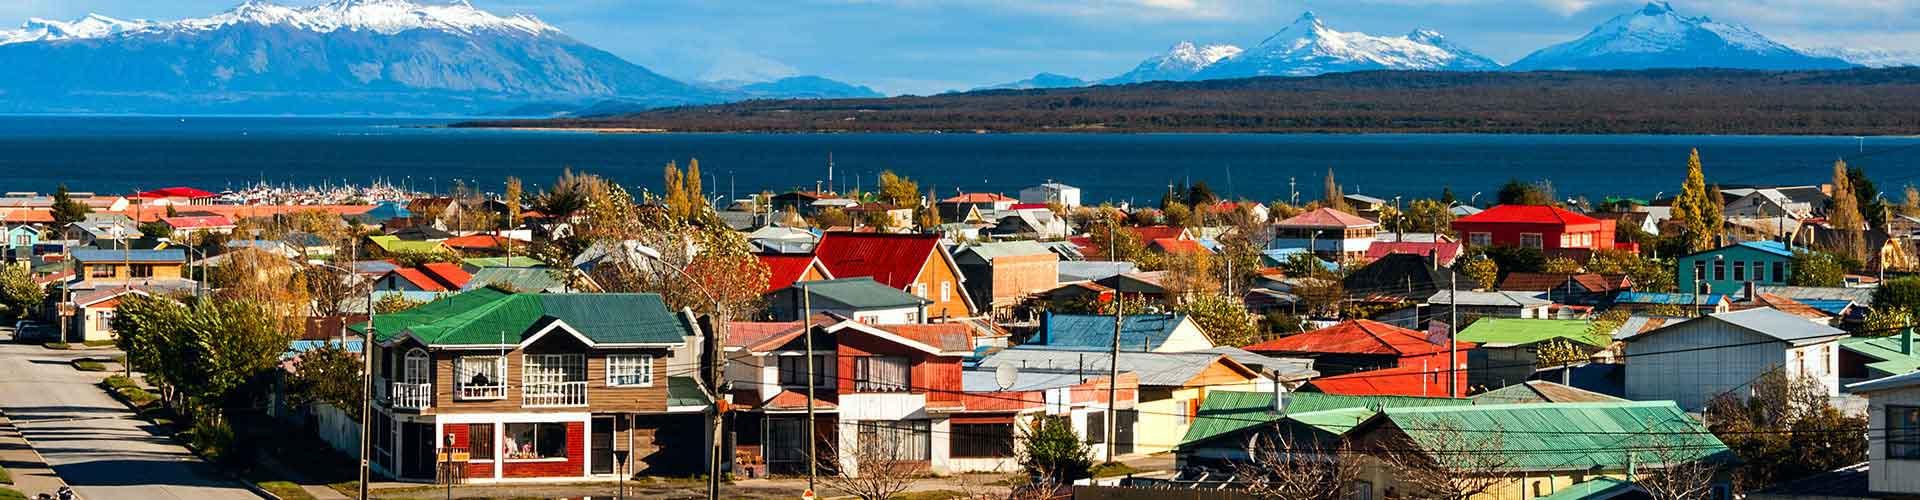 Puerto Natales - Appartments à Puerto Natales. Cartes pour Puerto Natales, photos et commentaires pour chaque appartement à Puerto Natales.